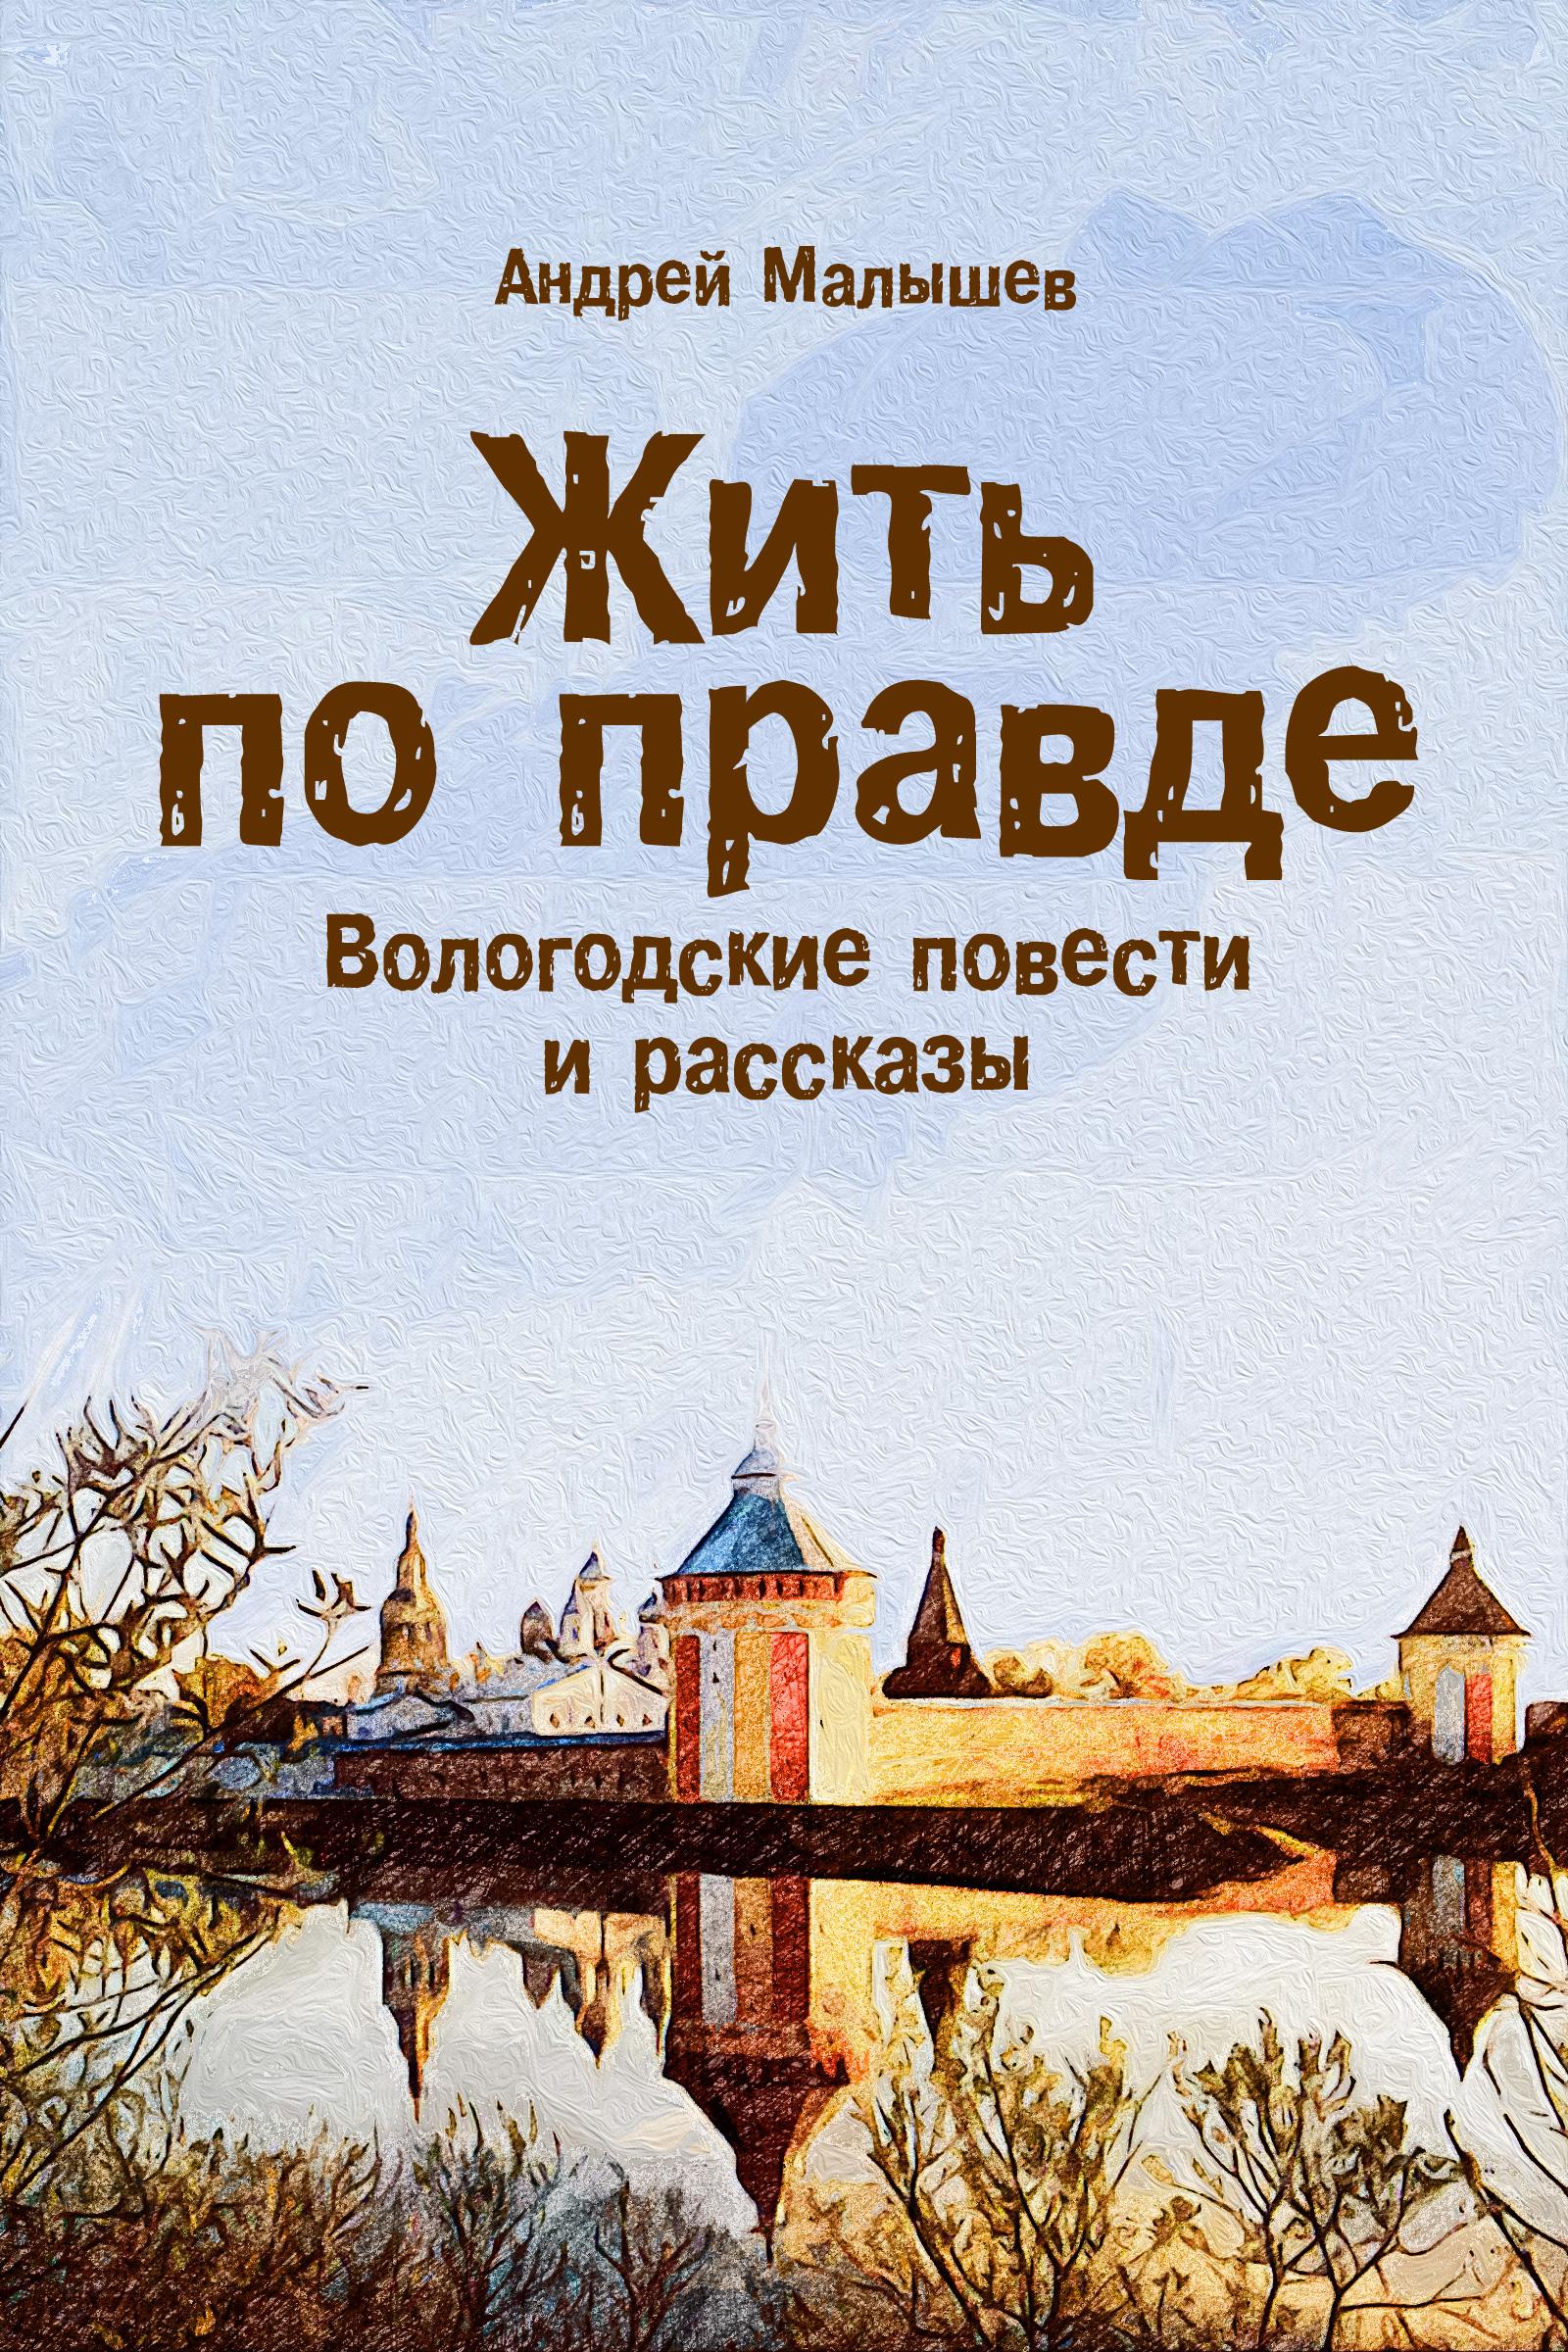 Андрей Малышев «Жить по правде. Вологодские повести и рассказы»